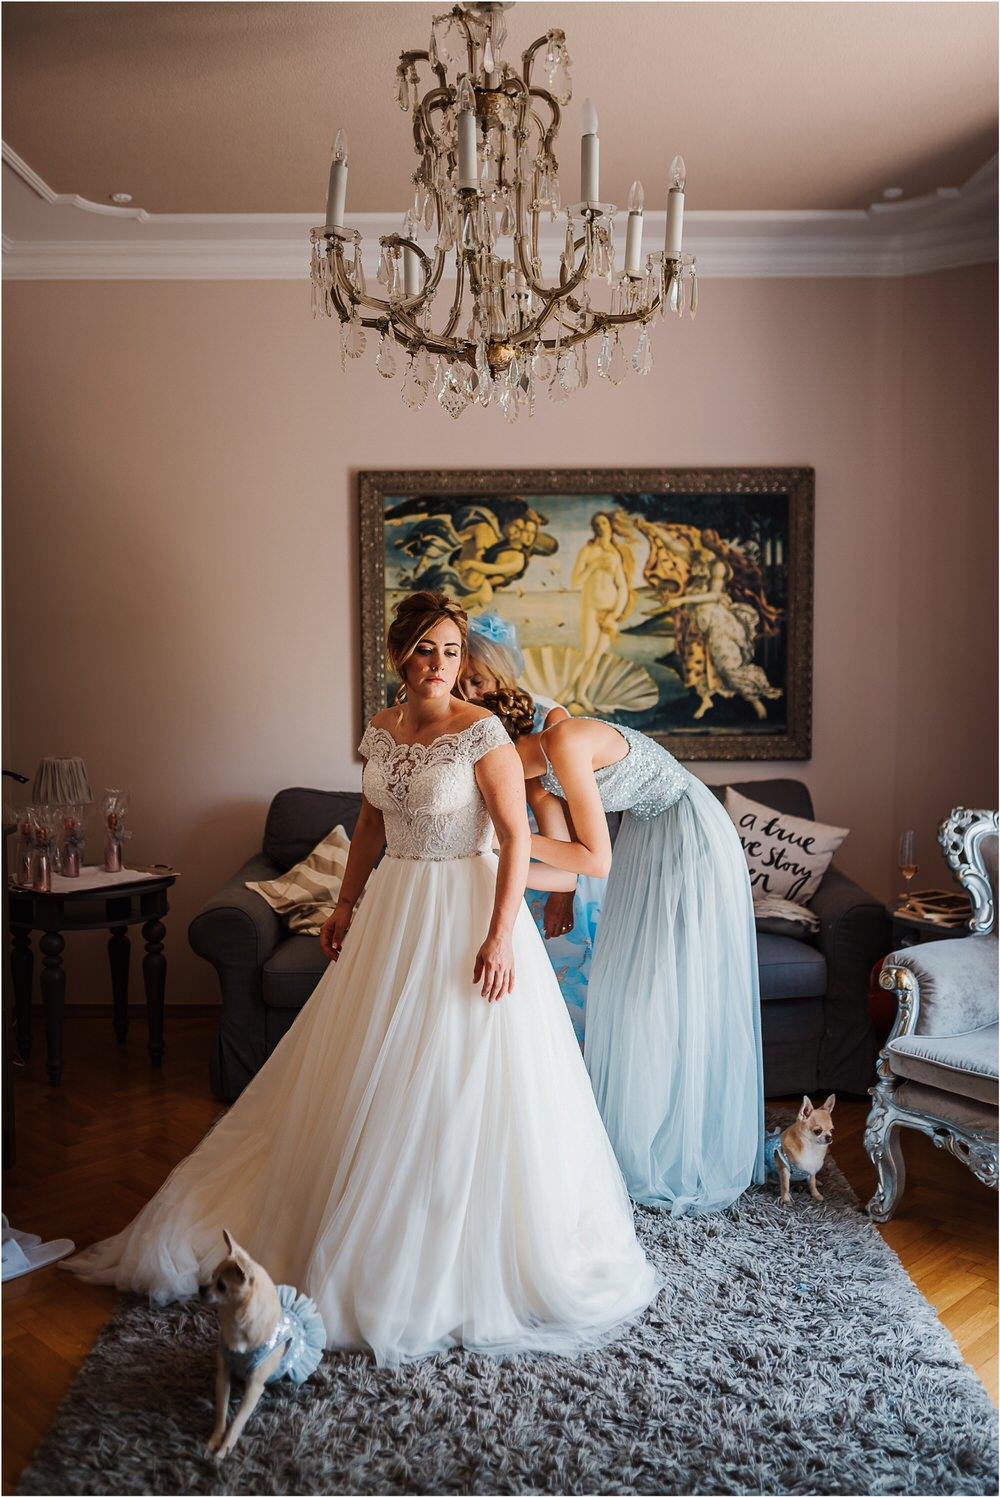 bled castle wedding poroka blejsko jezero jezersek adventure themed destination wedding photographer lake bled 0024.jpg